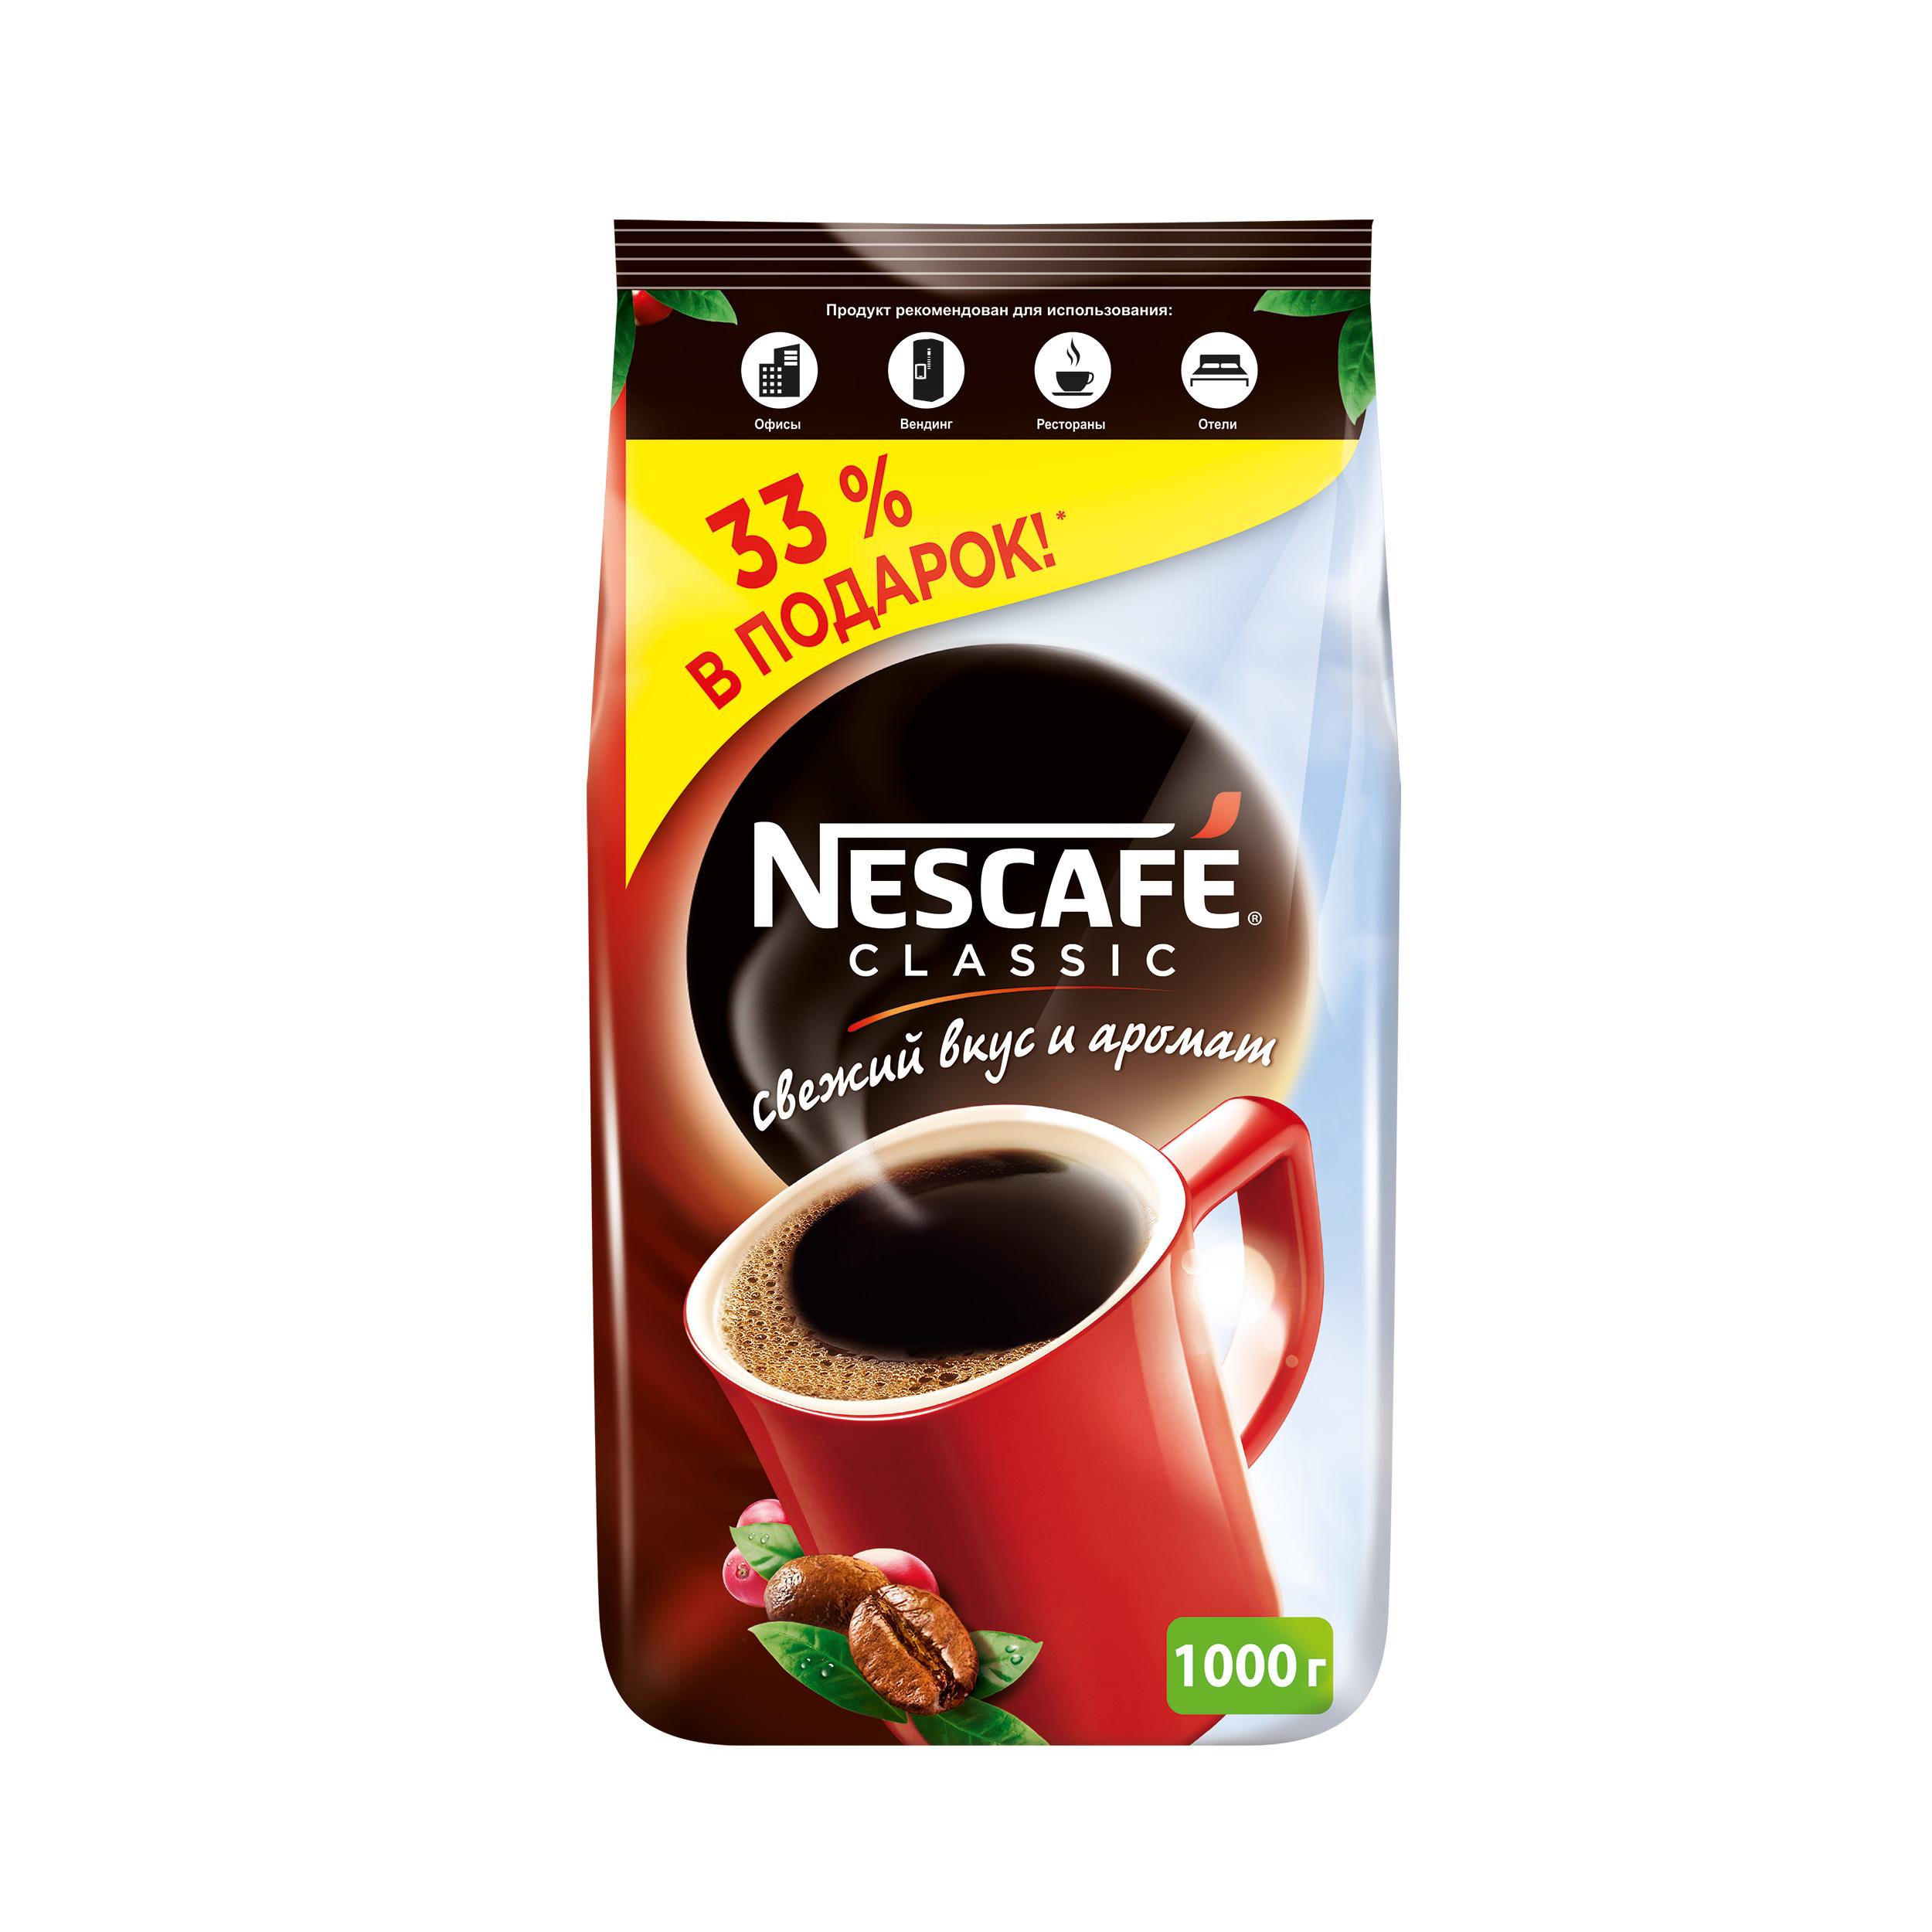 Кофе растворимый Nescafe classic пакет 1000 г фото